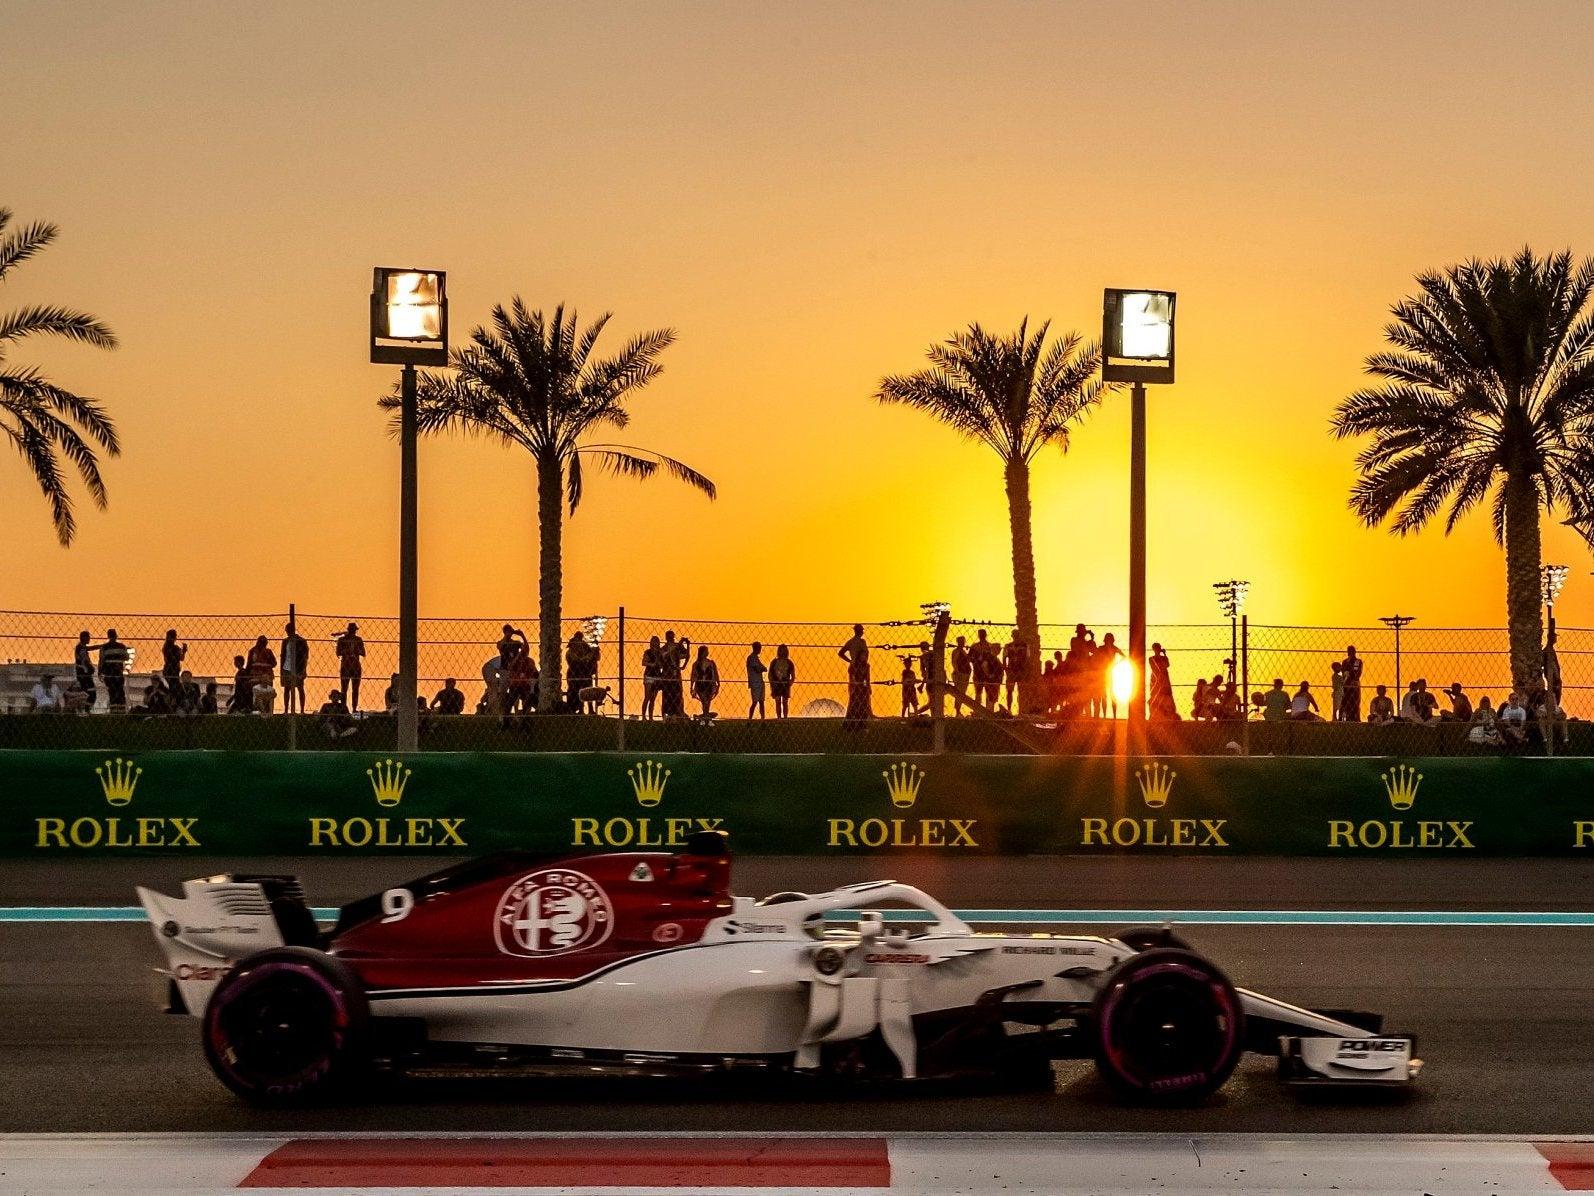 Alfa Romeo Racing: Sauber team rebranded ahead of 2019 season